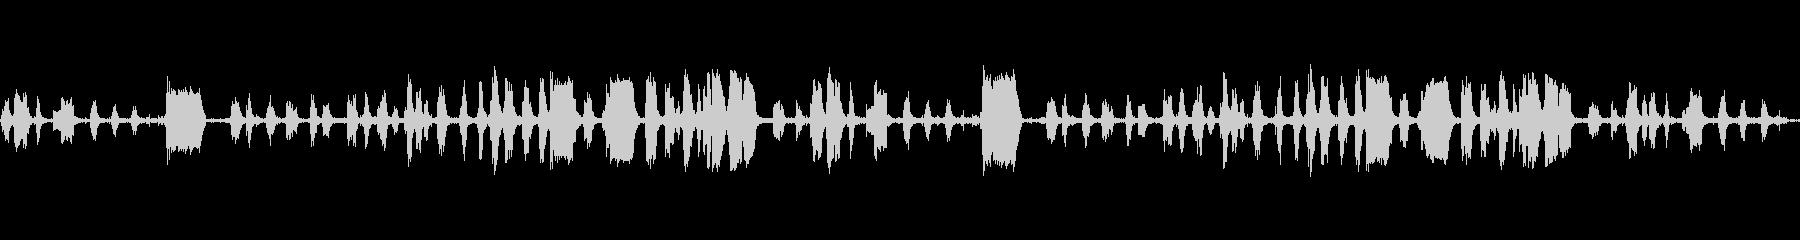 ブタのうなり声と鳴き声の未再生の波形